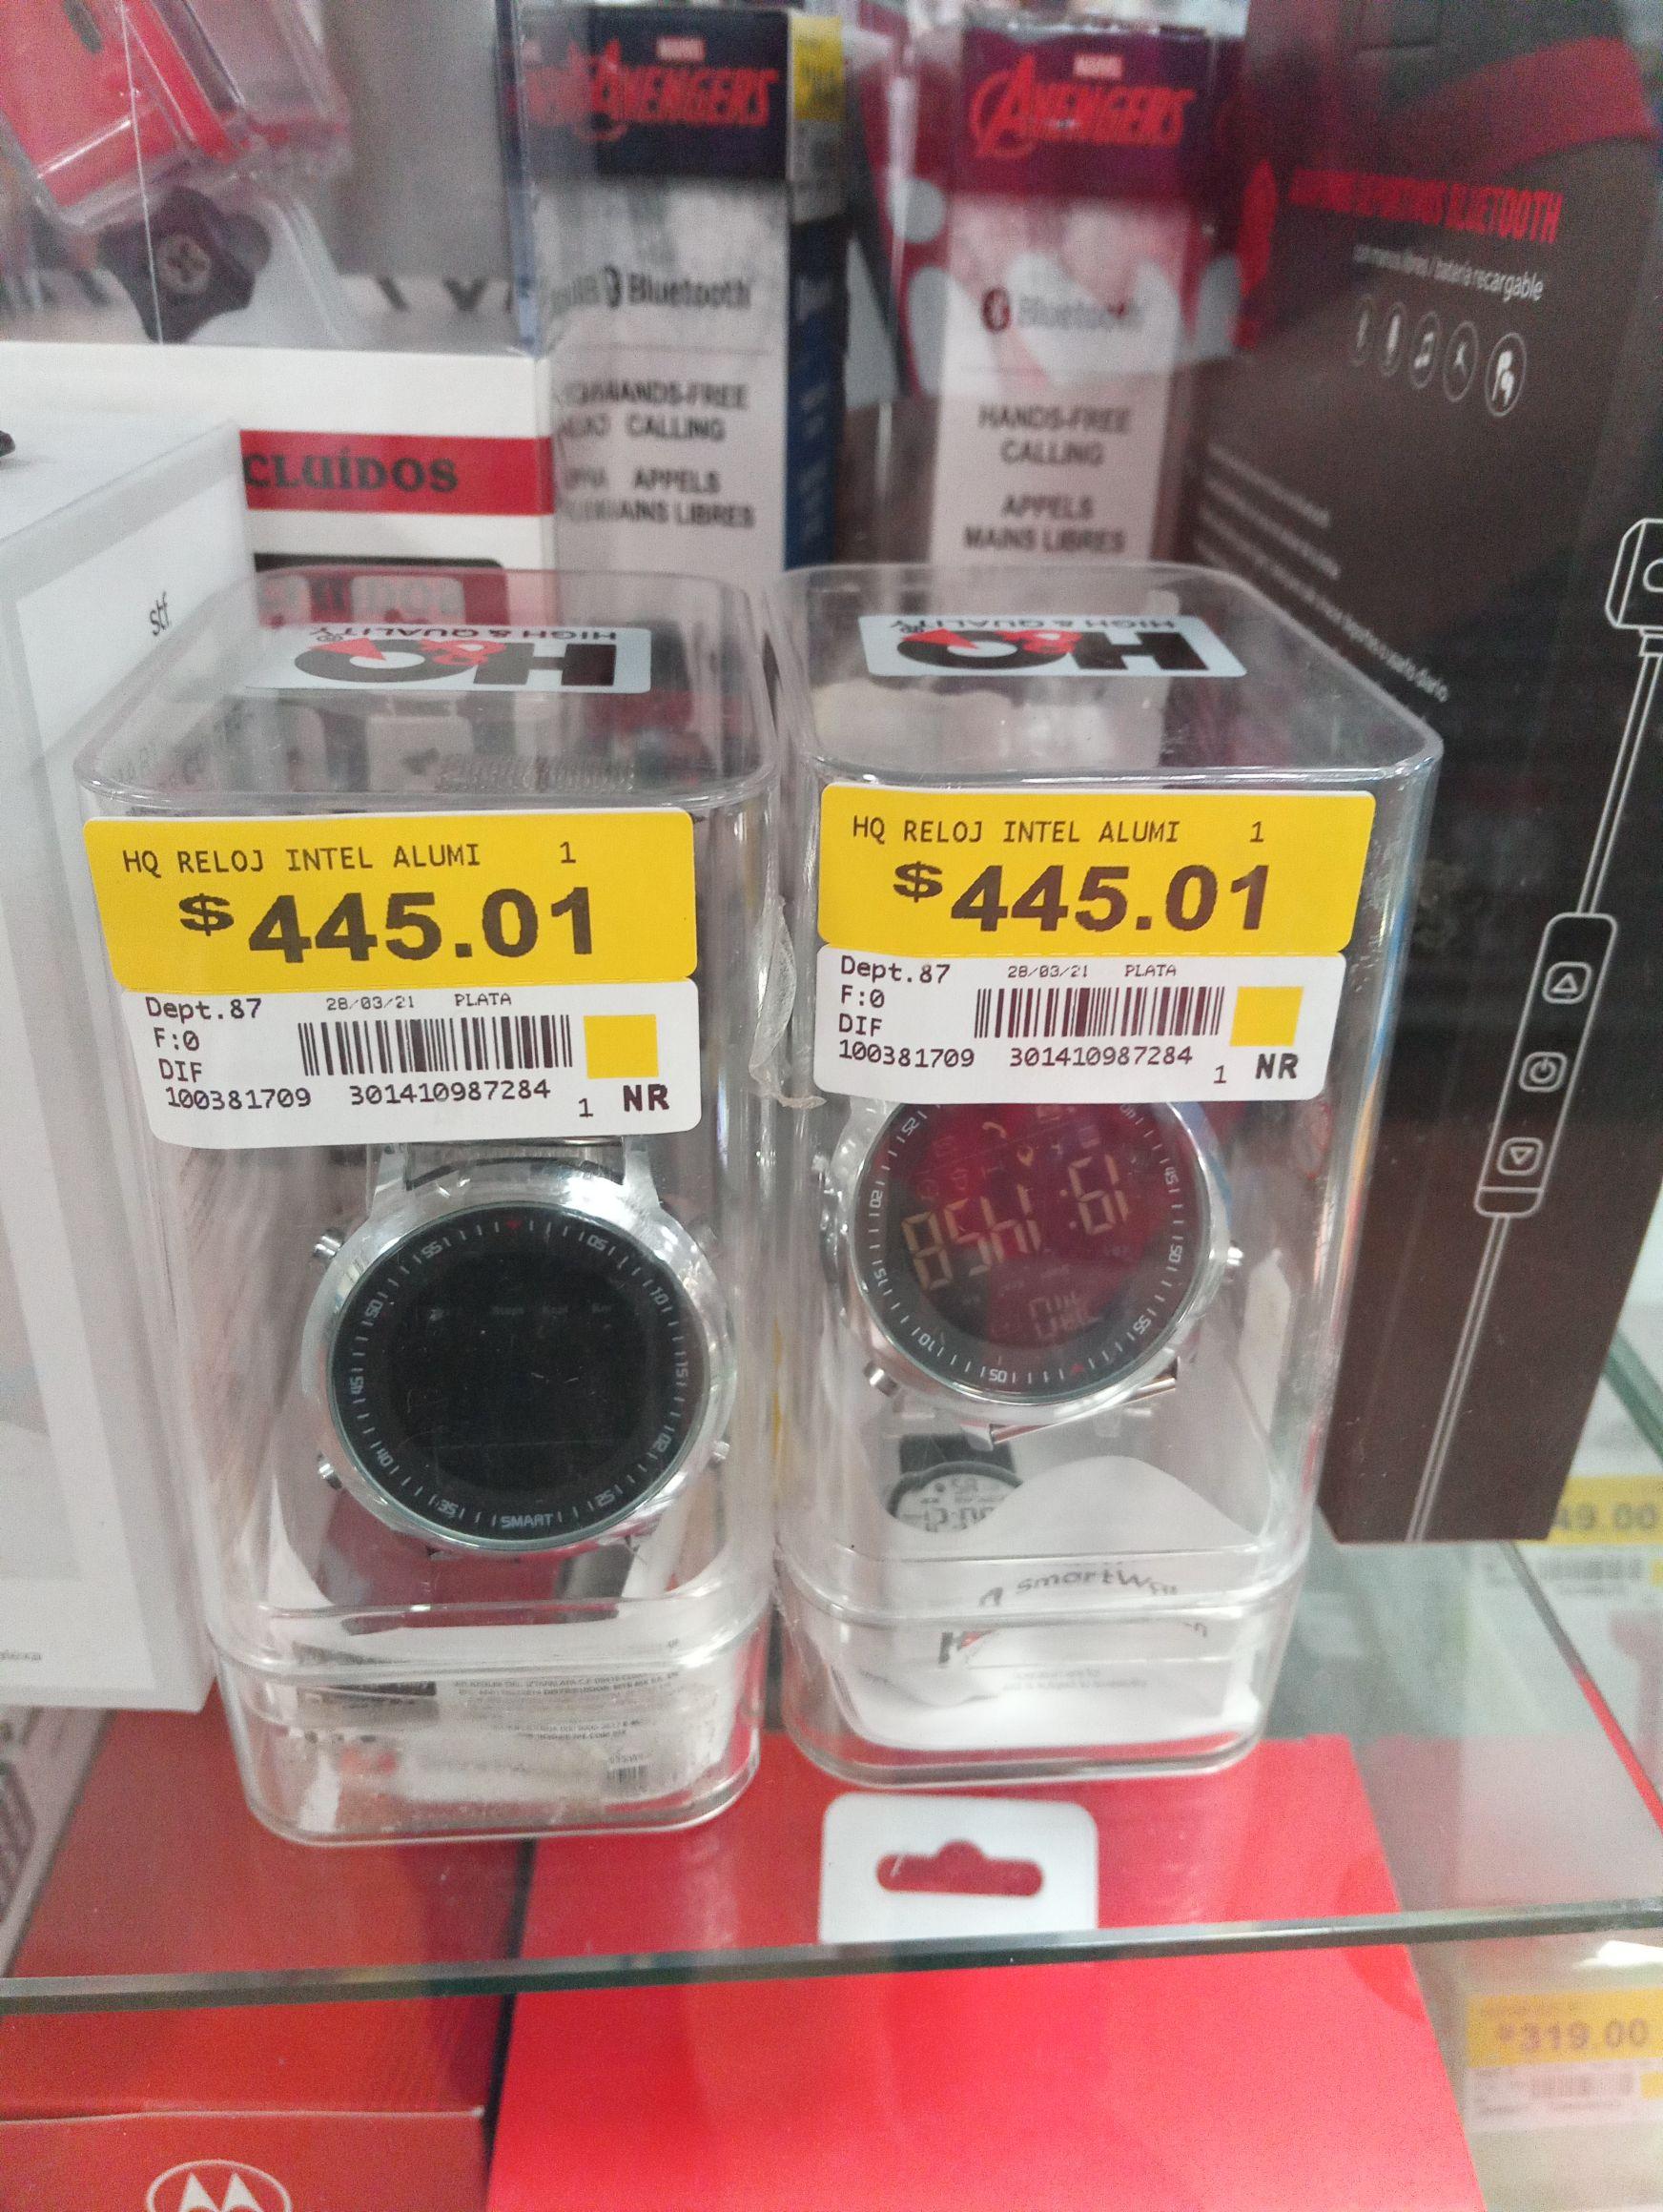 Walmart Orizaba: Reloj inteligente de aluminio